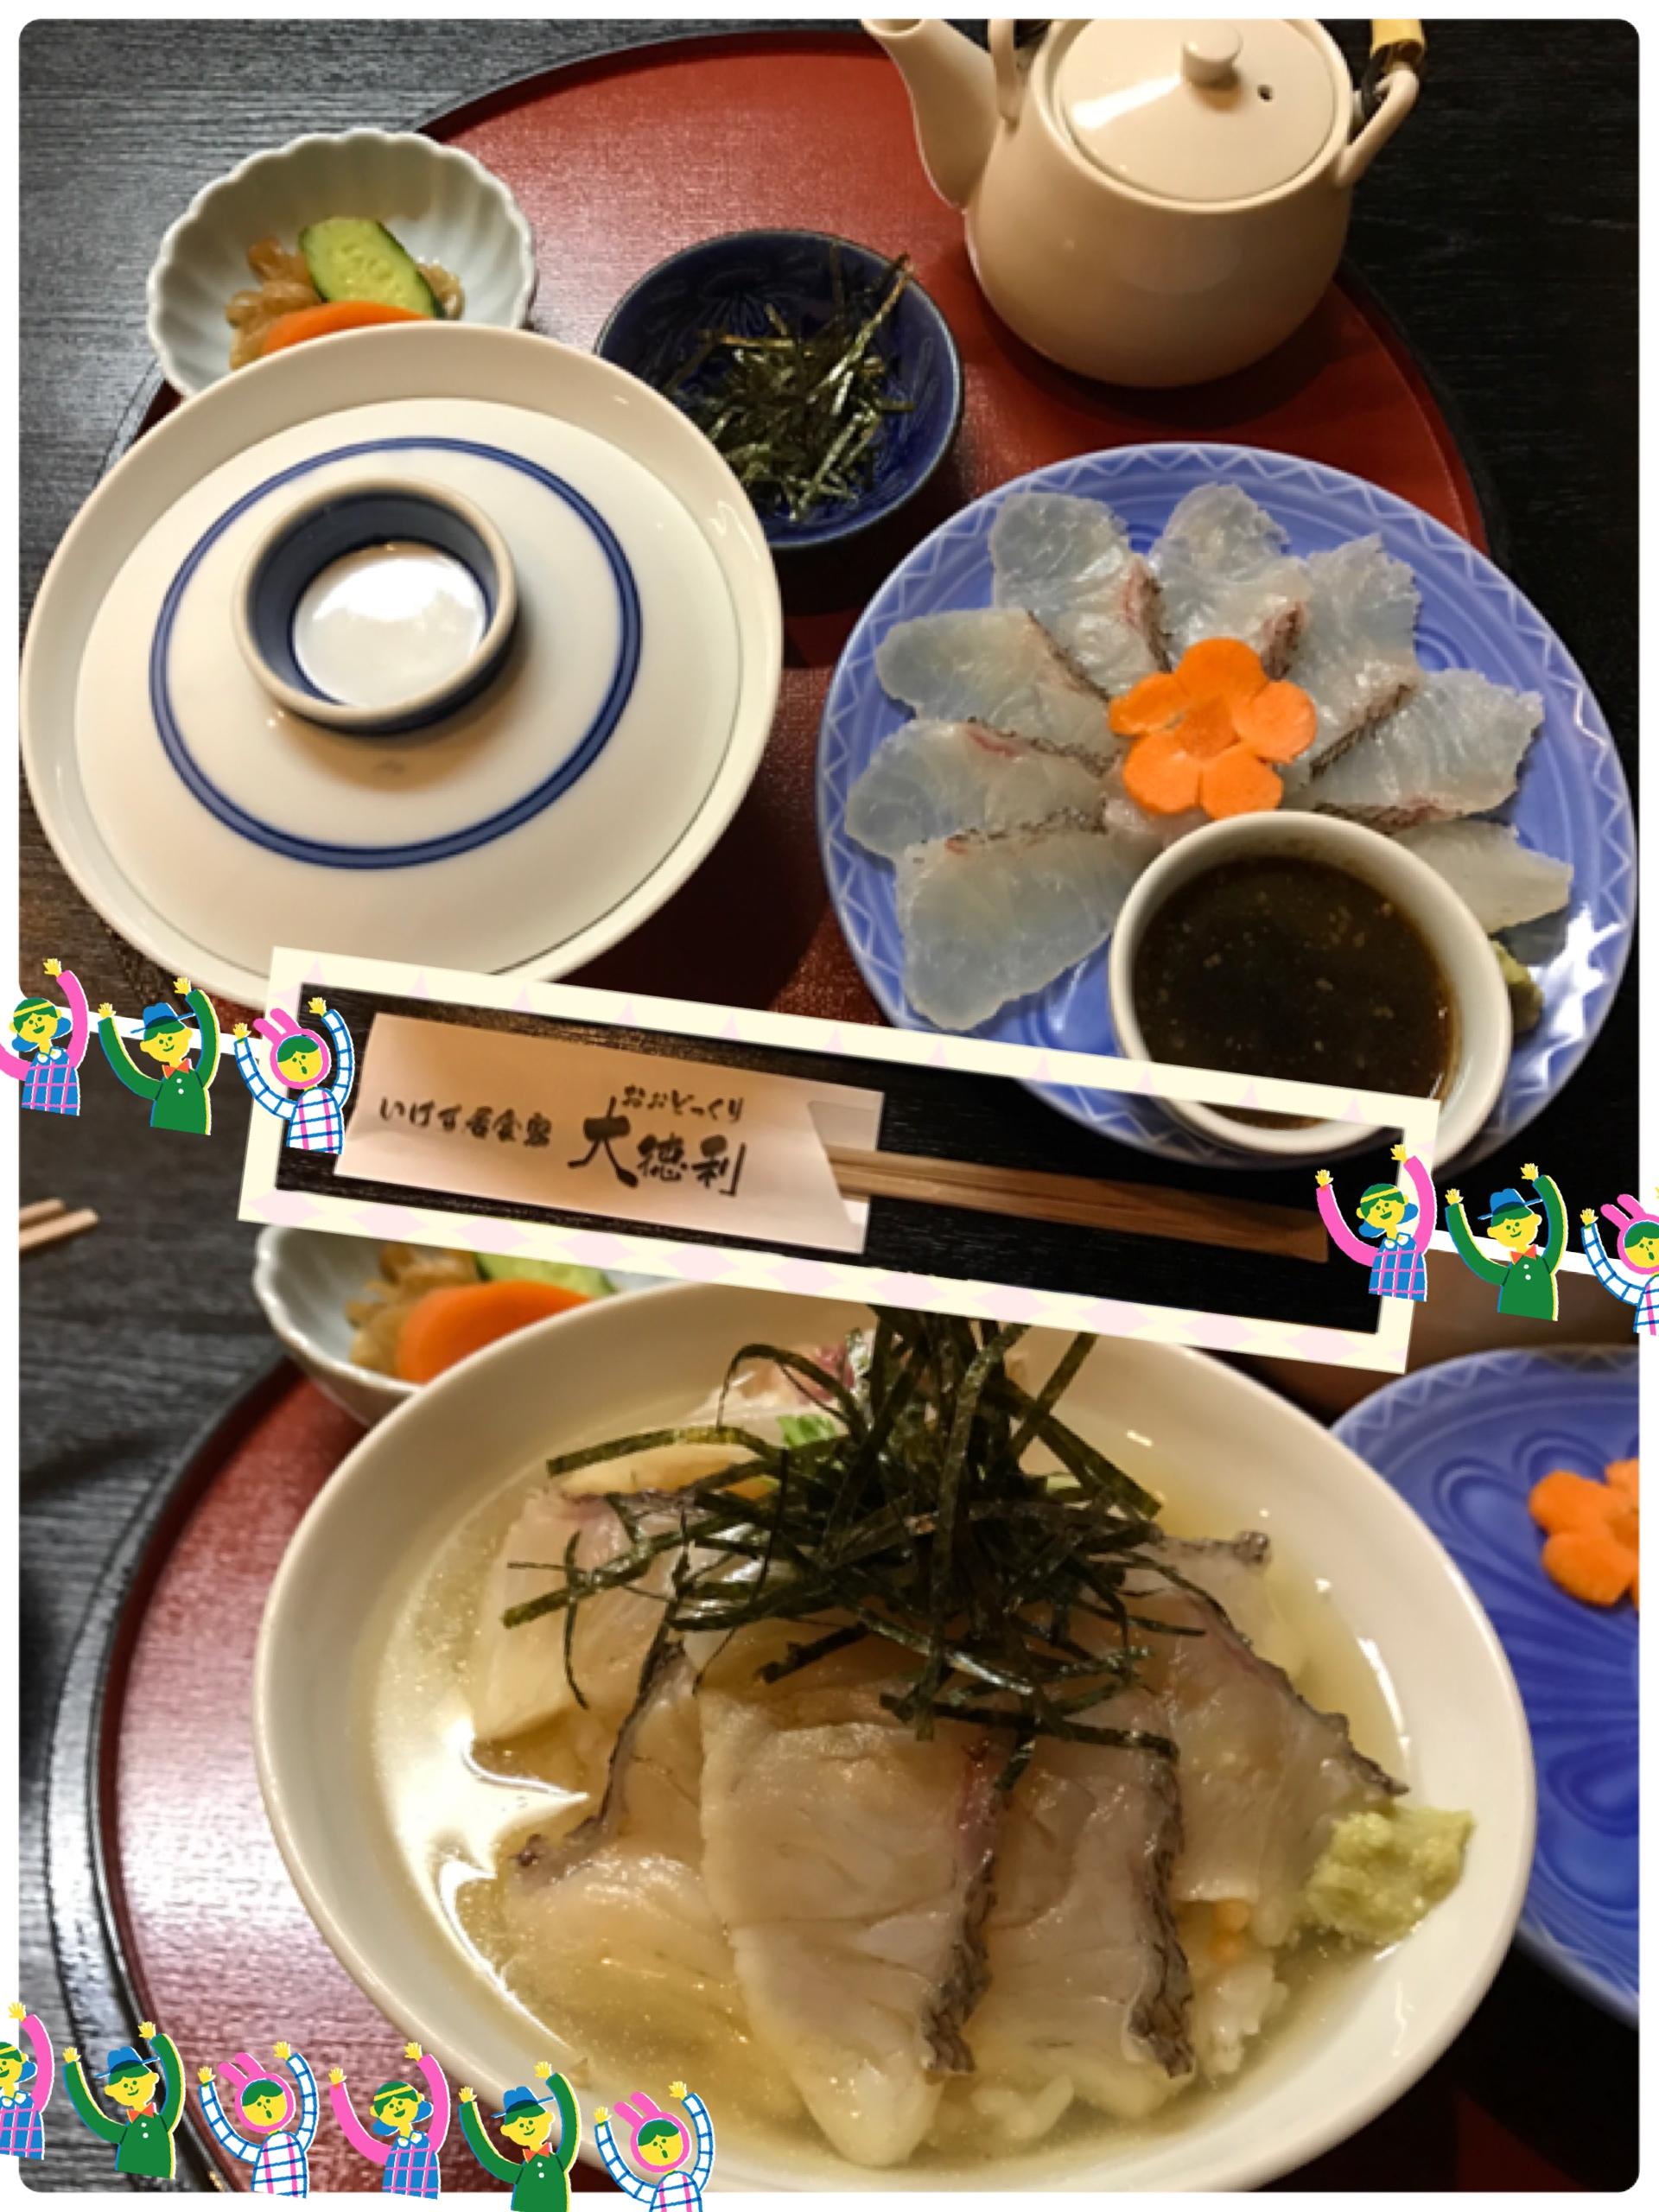 大徳利さんで、鯛茶漬けをいただきました(*^_^*)